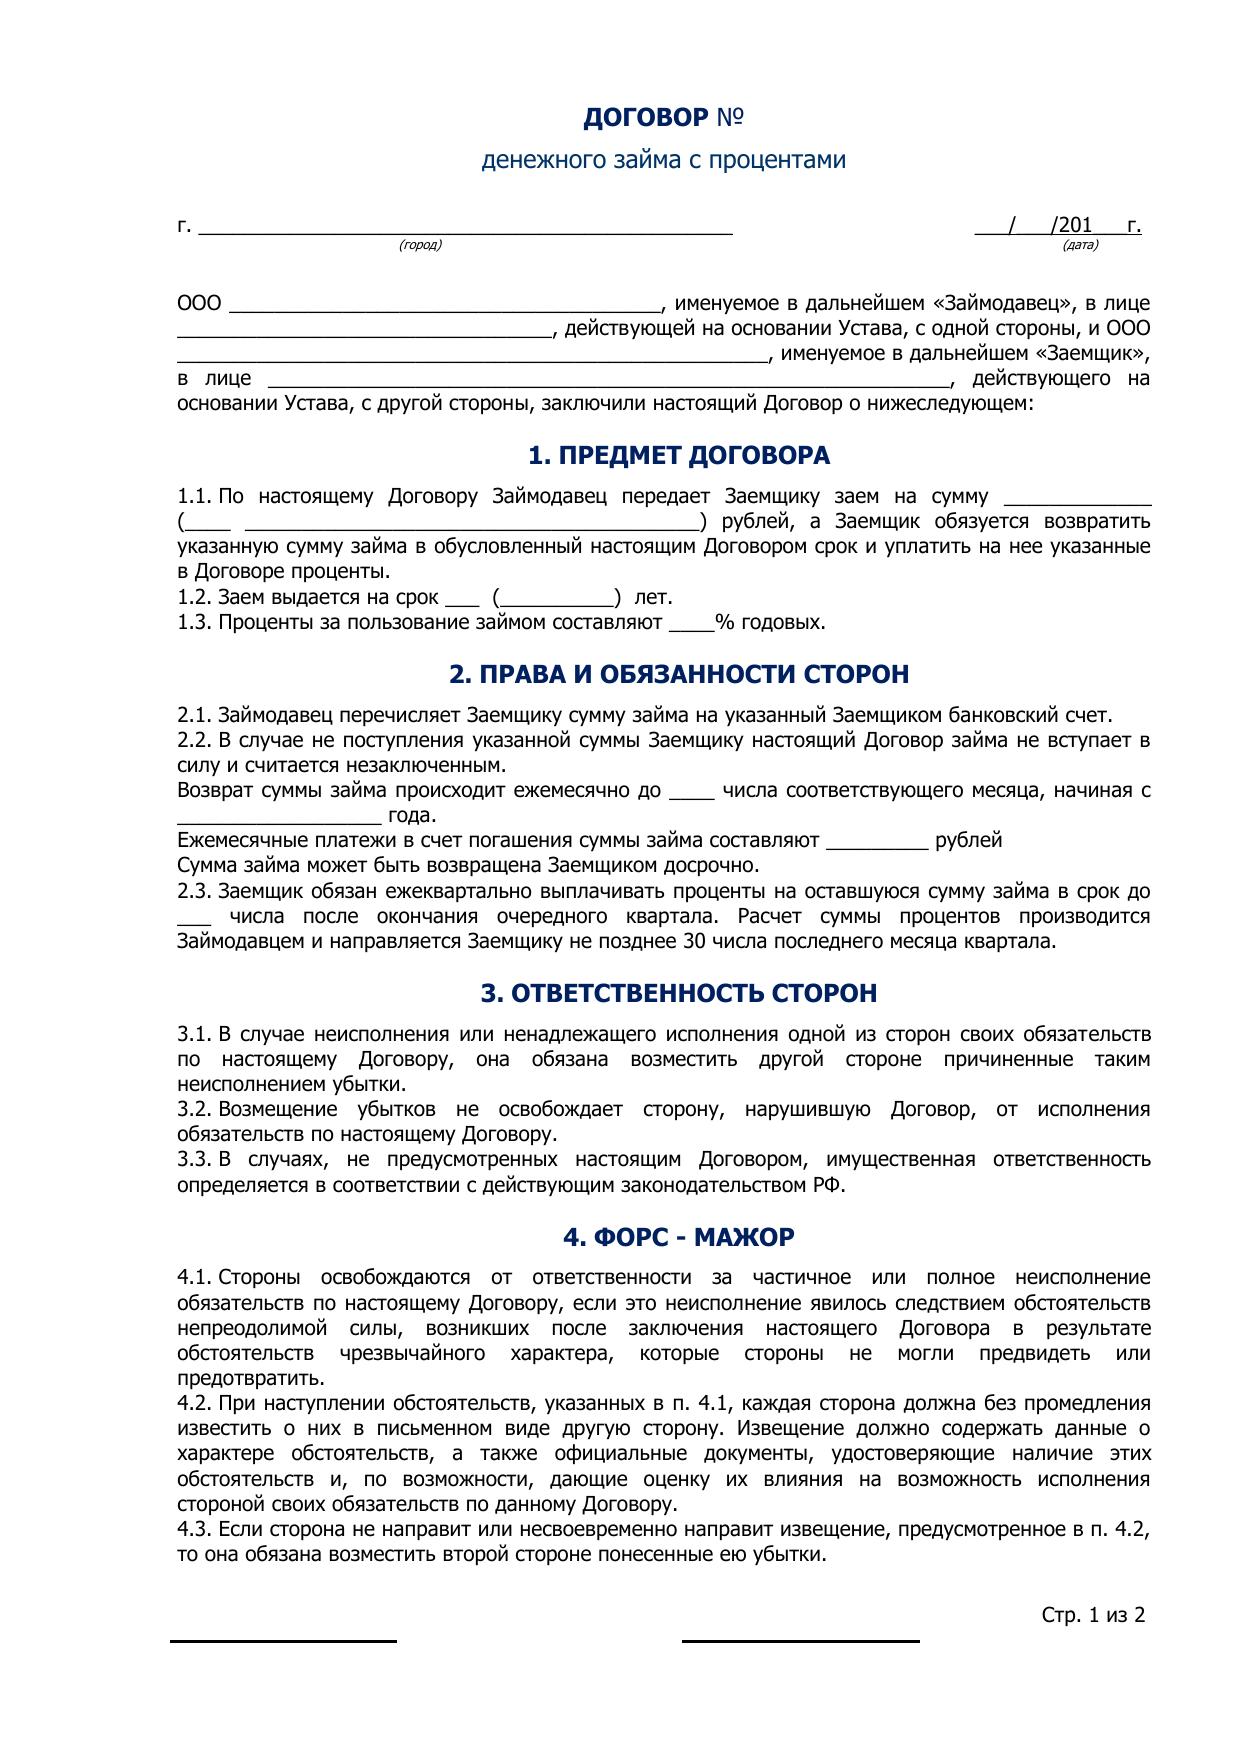 Трудовой договор Договоры / Образцы документов